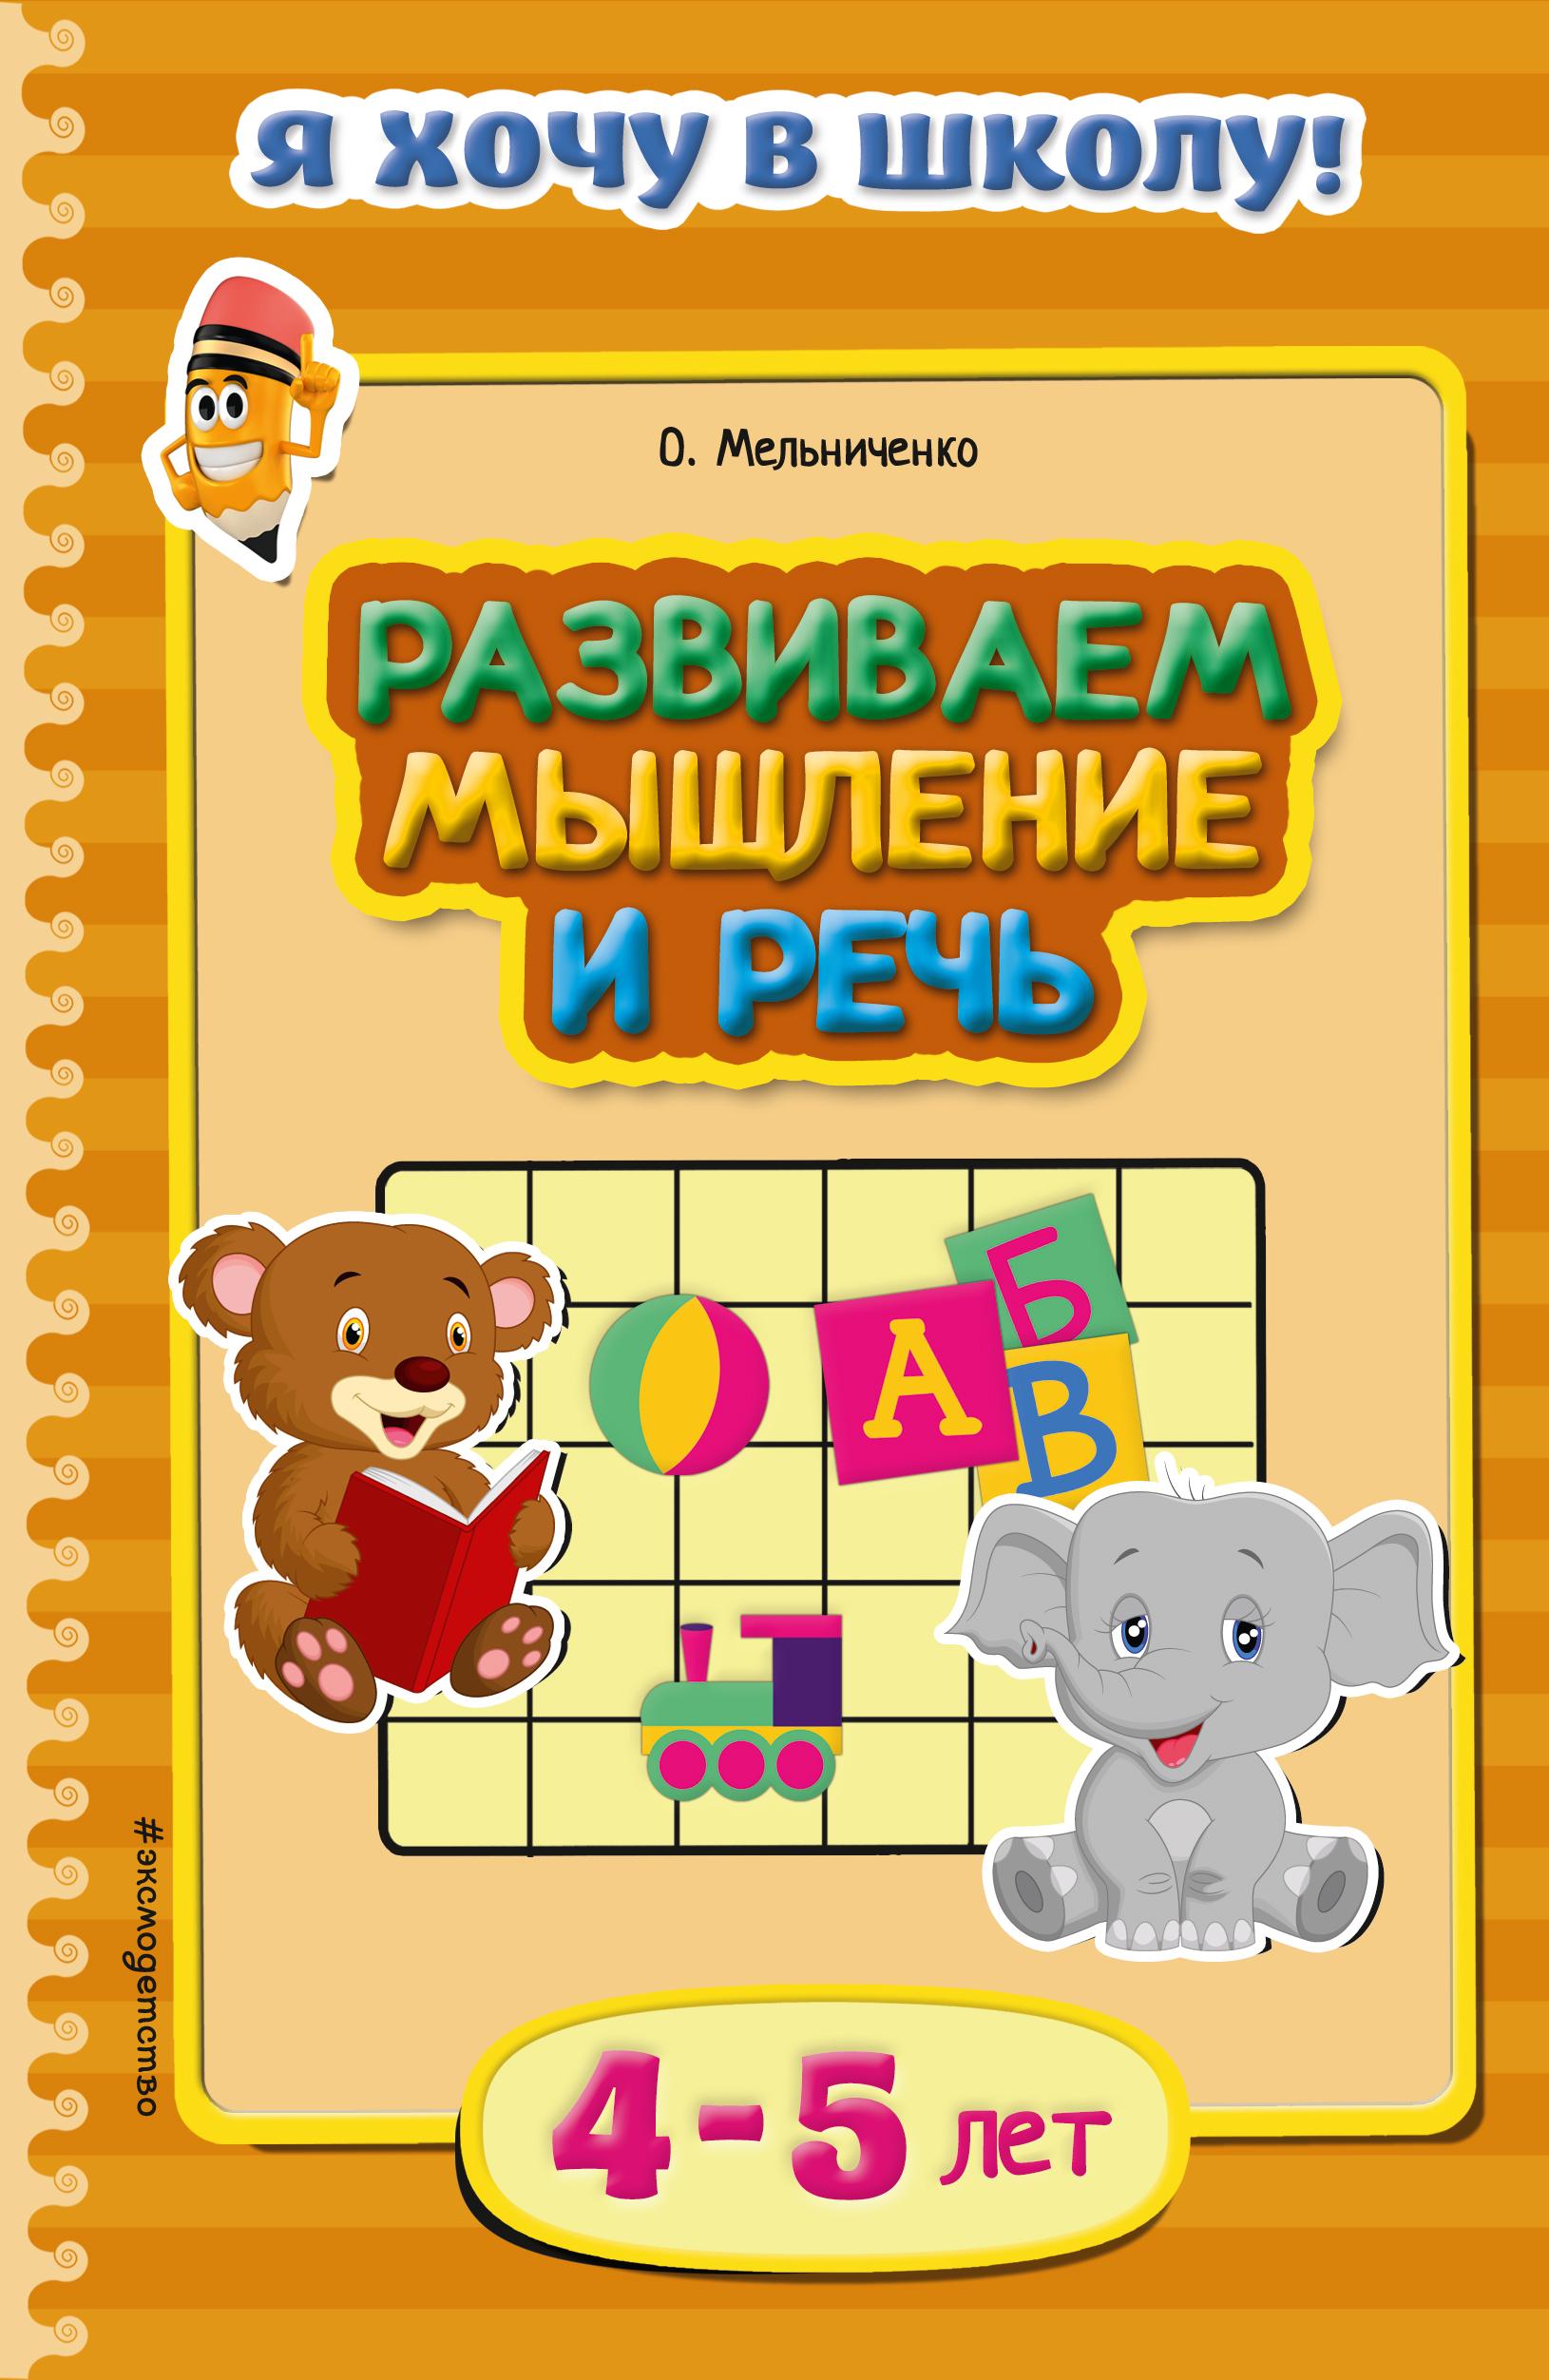 Развиваем мышление и речь: для детей 4-5 лет ( Мельниченко О.  )